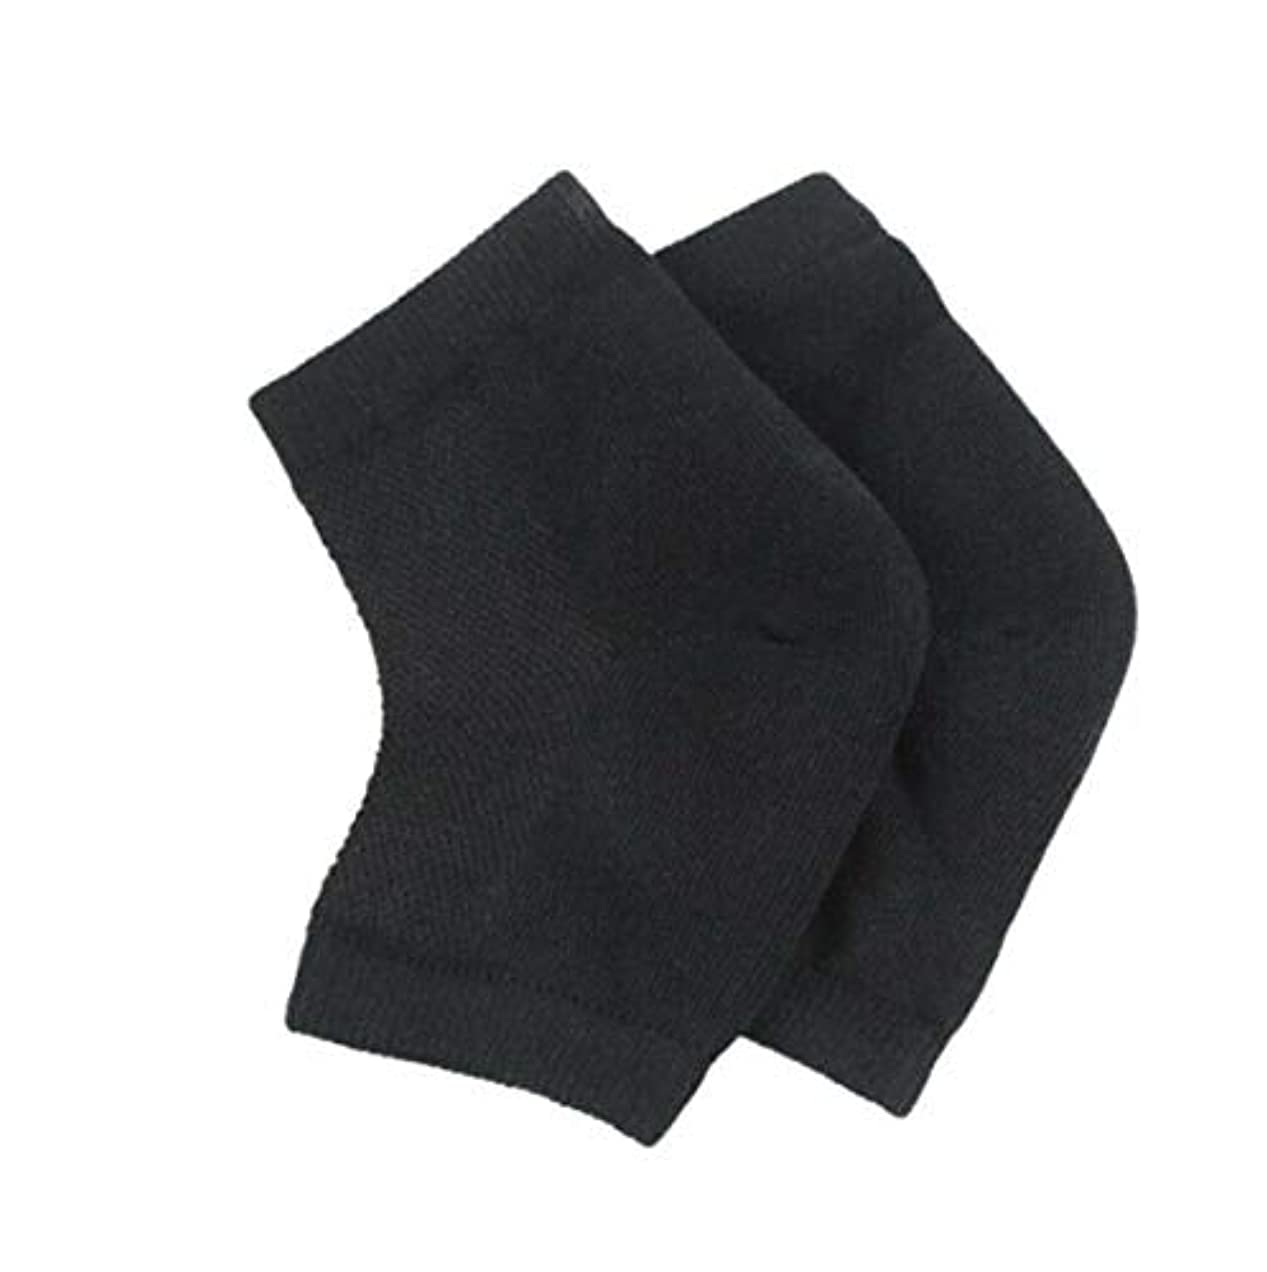 カメラ溶けた風味かかとケア靴下 足サポーター 半分ソックス 足首用 角質ケア/保湿/美容 左右セット フリーサイズ 男女適用 (黒色)